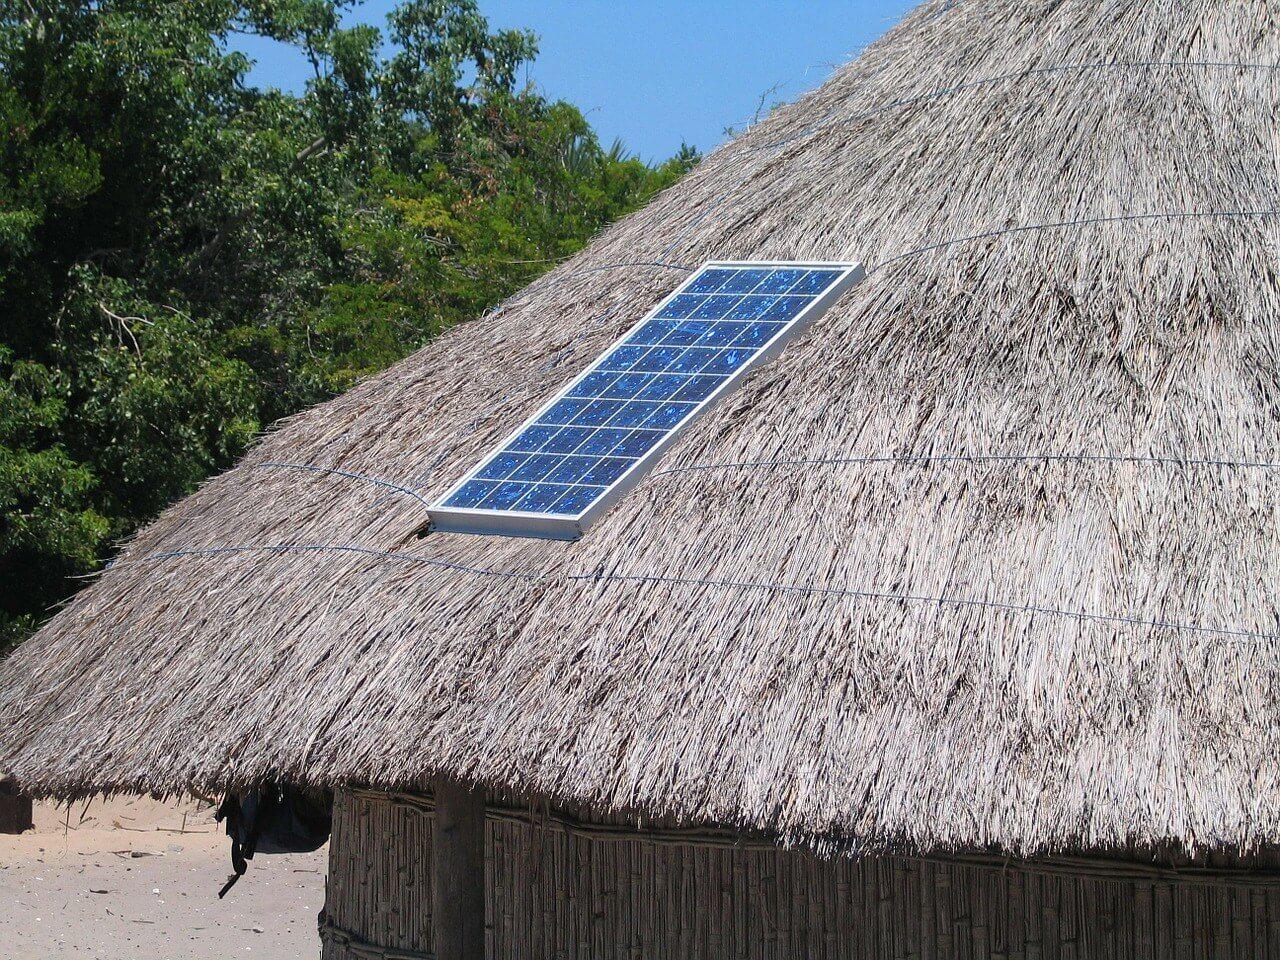 Hindistan'dan Güneş Panellerine Korunma Önlemi